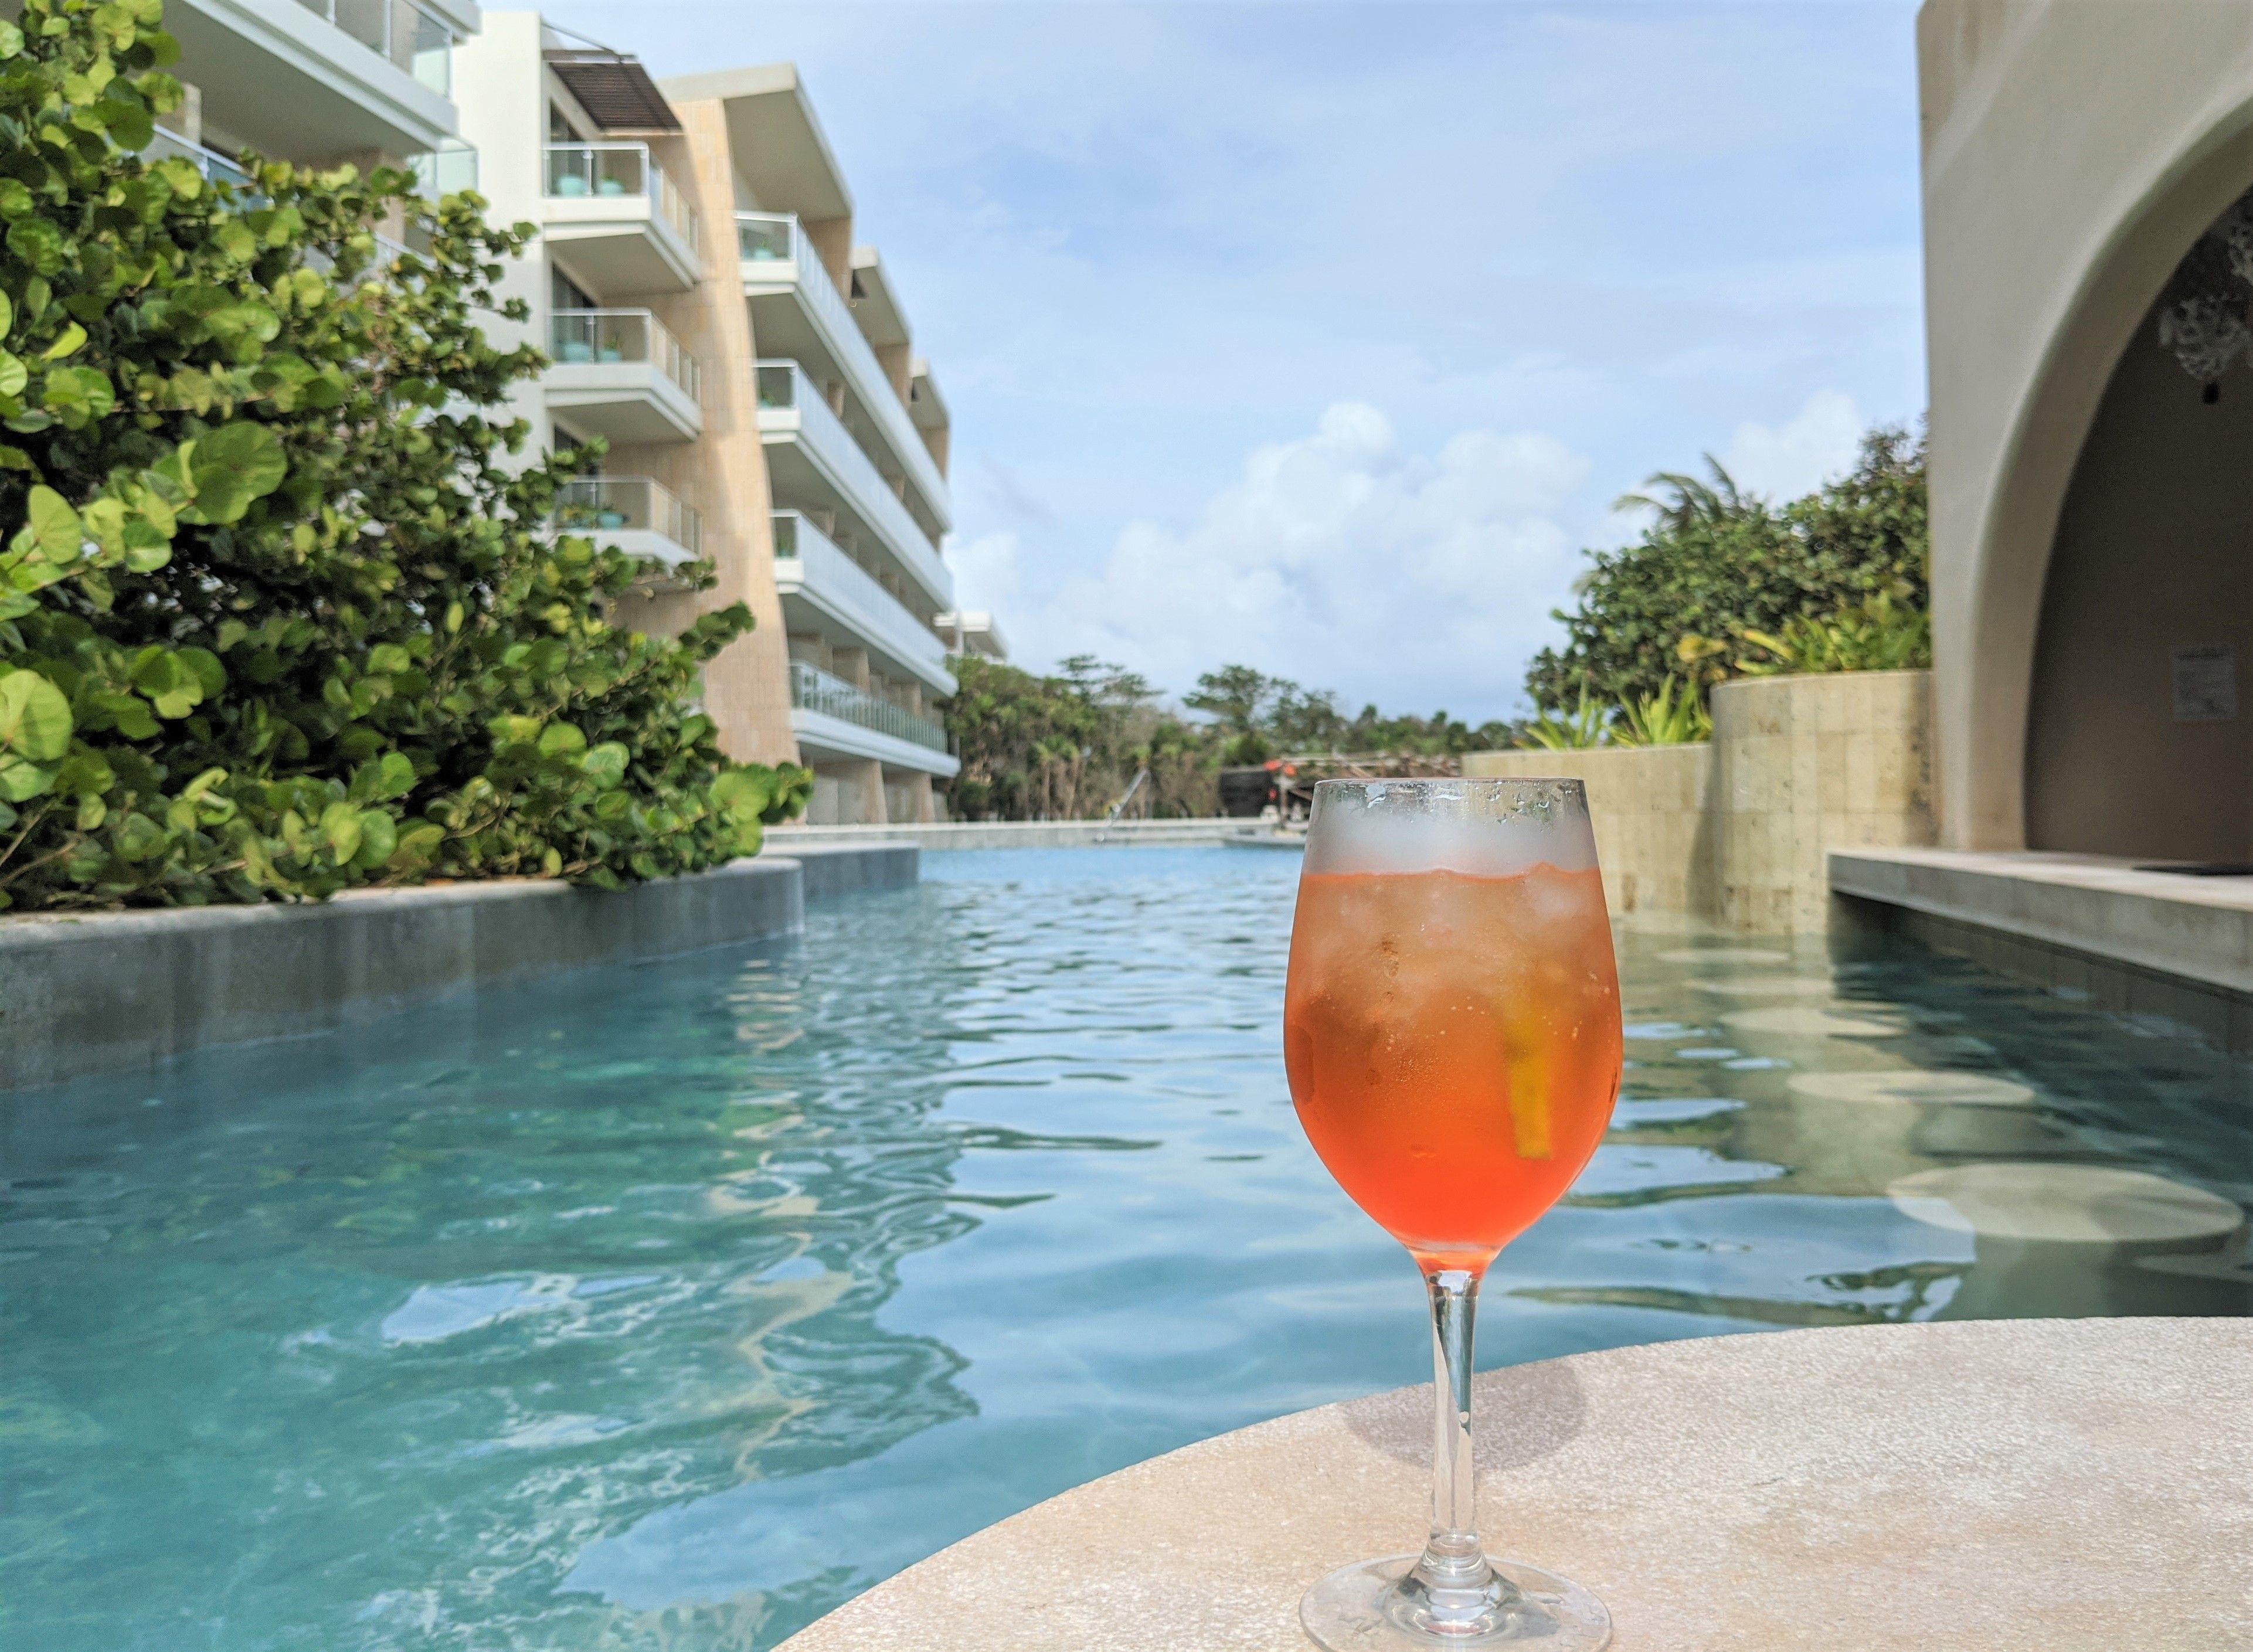 Poolside drink